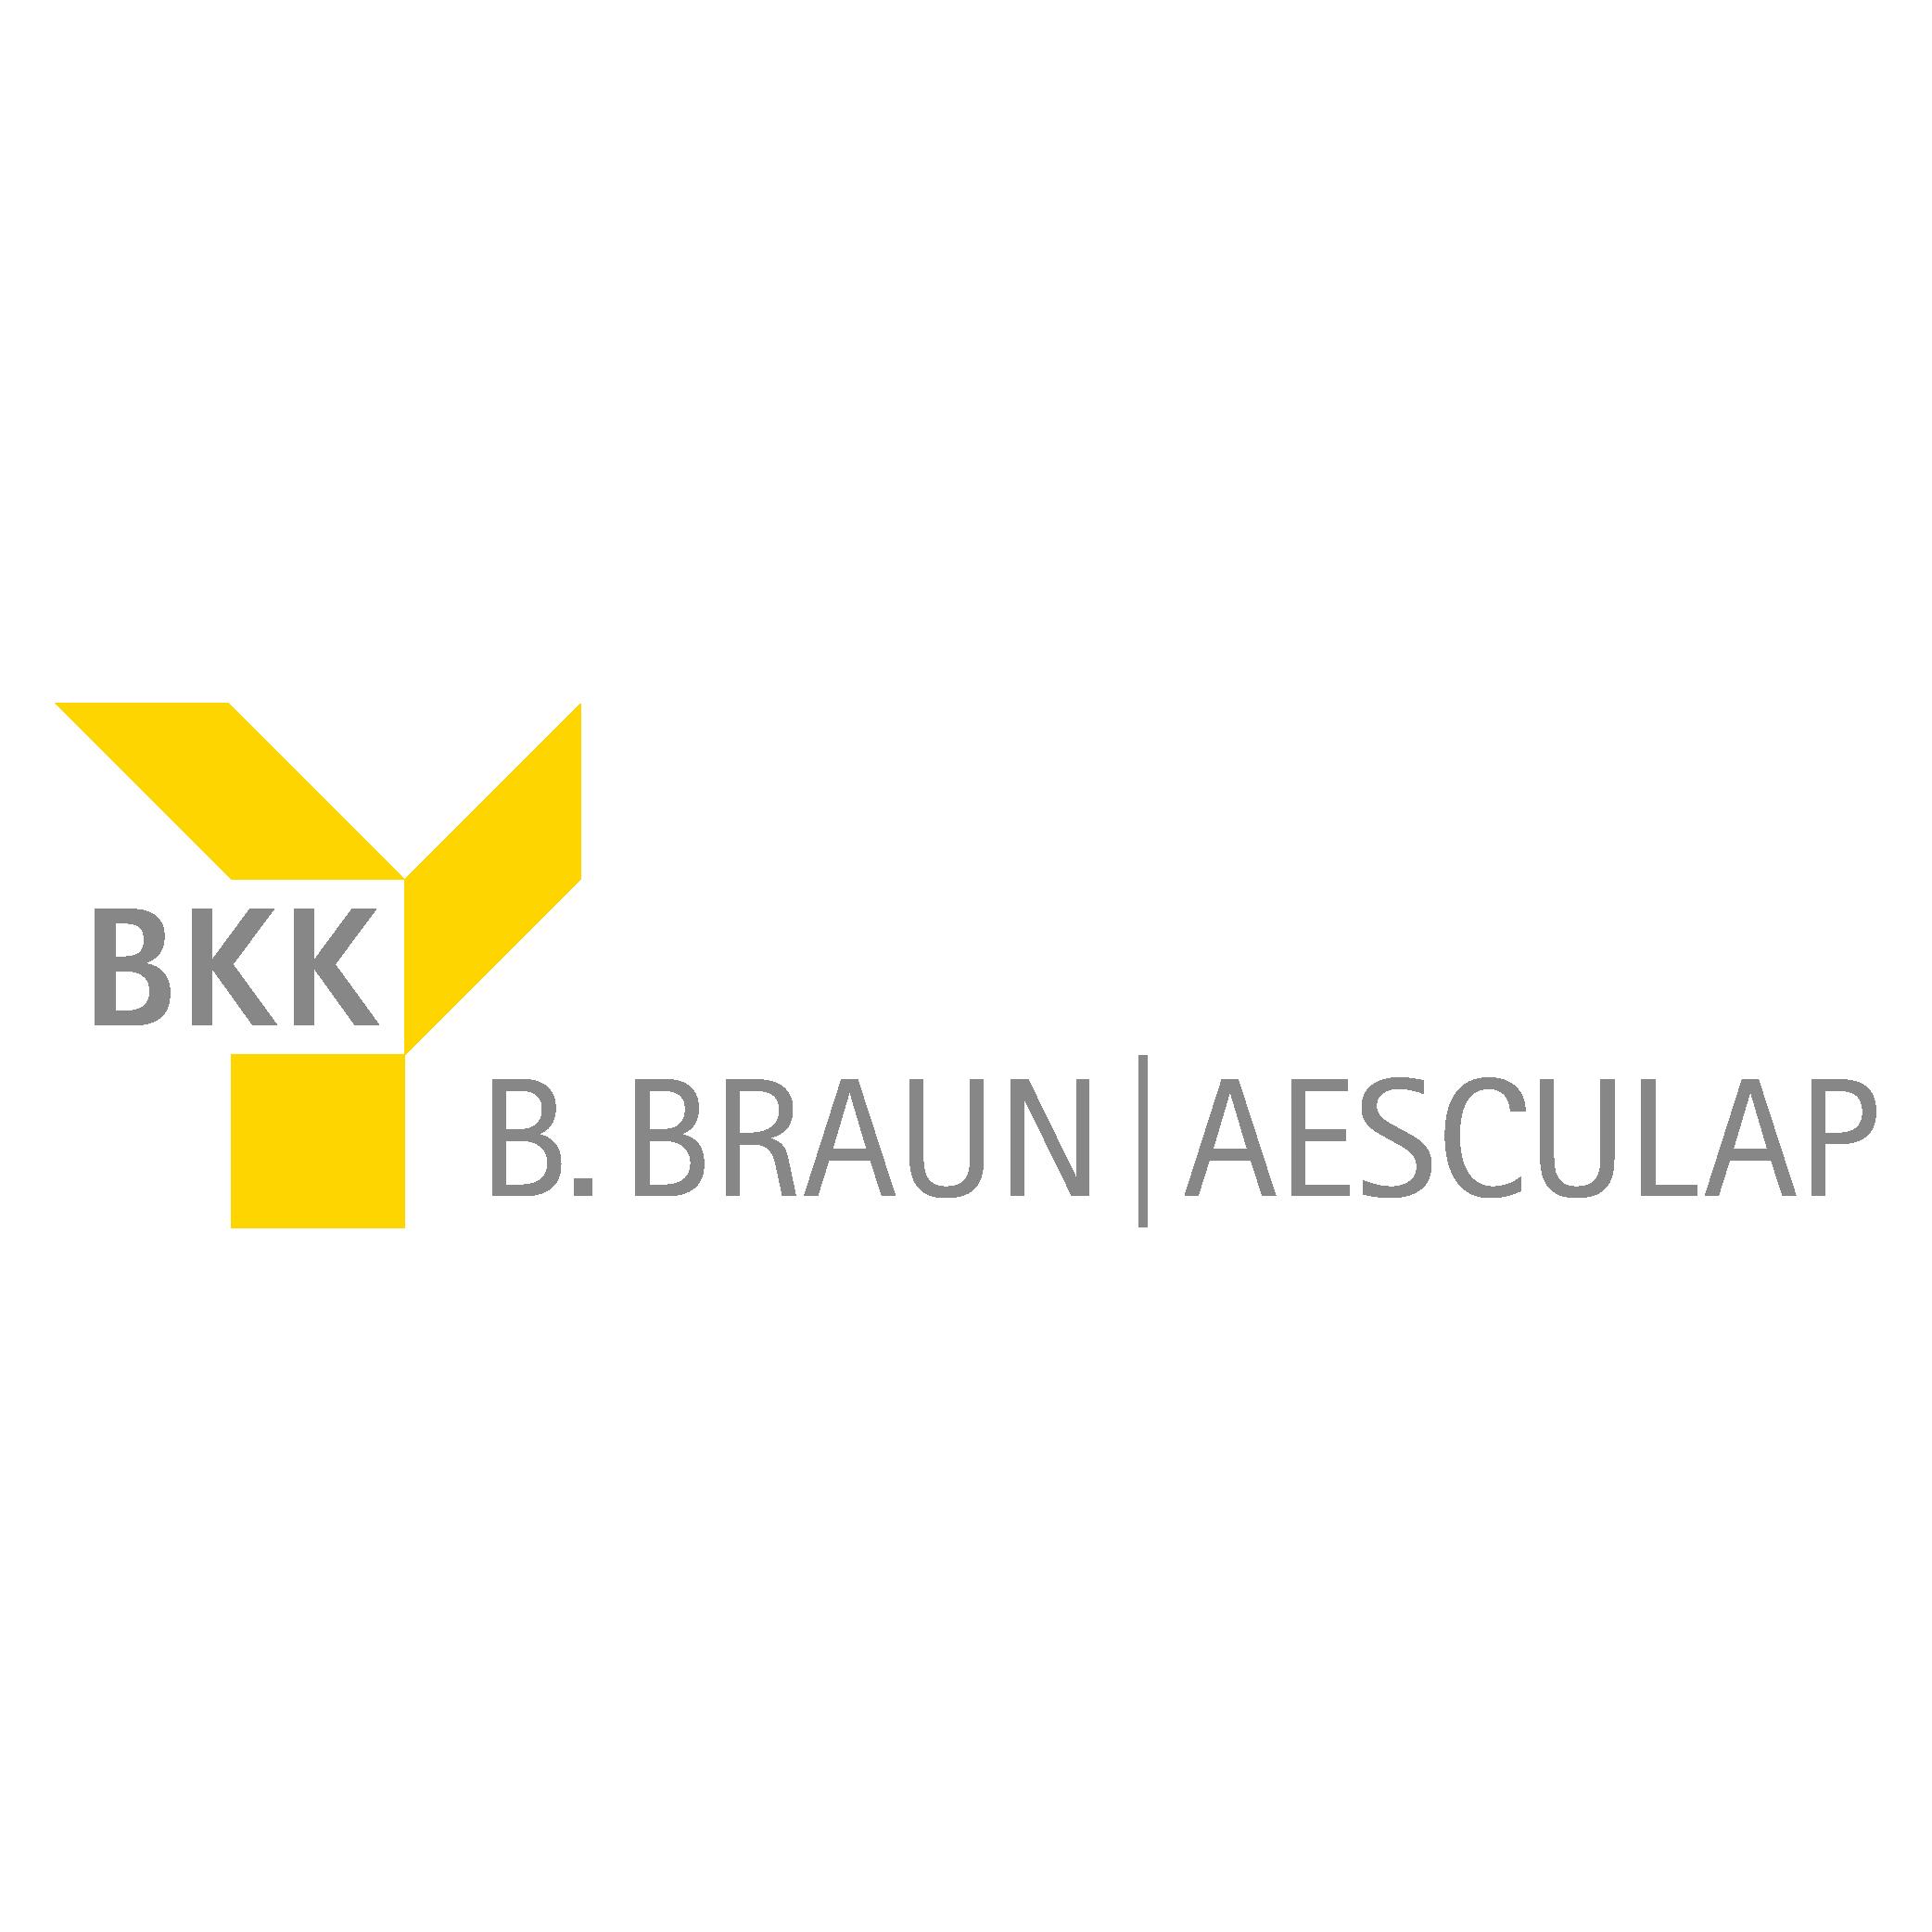 Markenzeichen der BKK B. Braun Melsungen AG